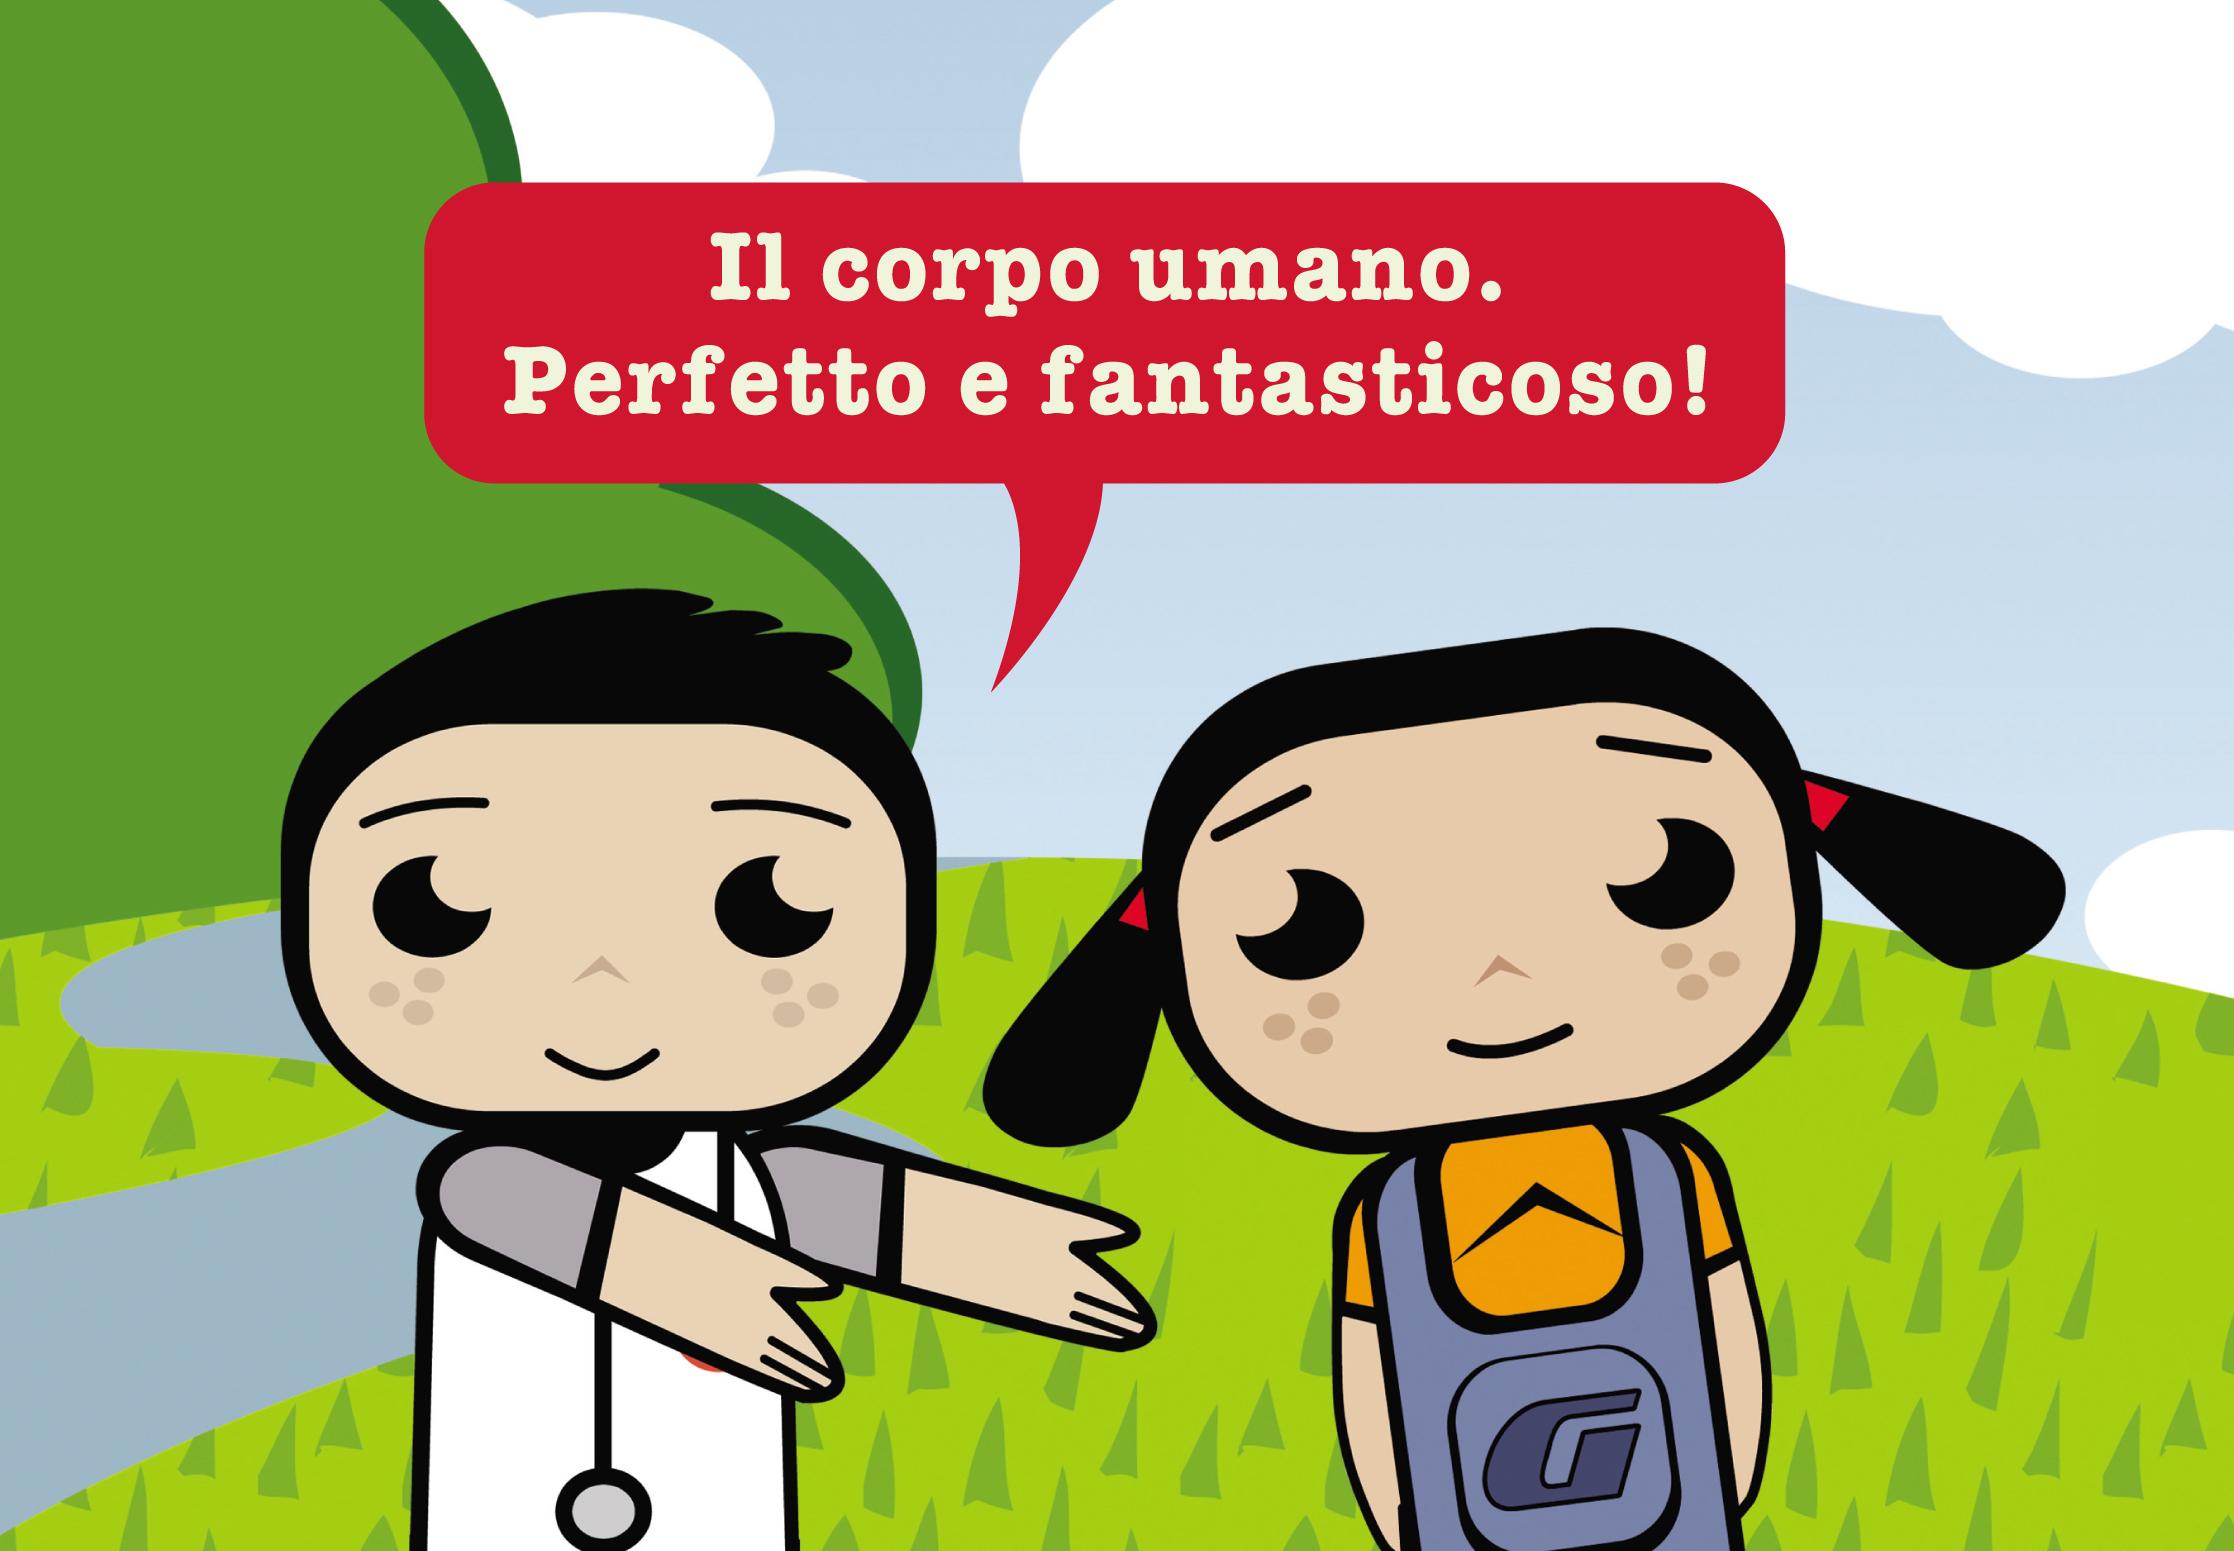 Un cartone animato per la campagna sulla donazione degli